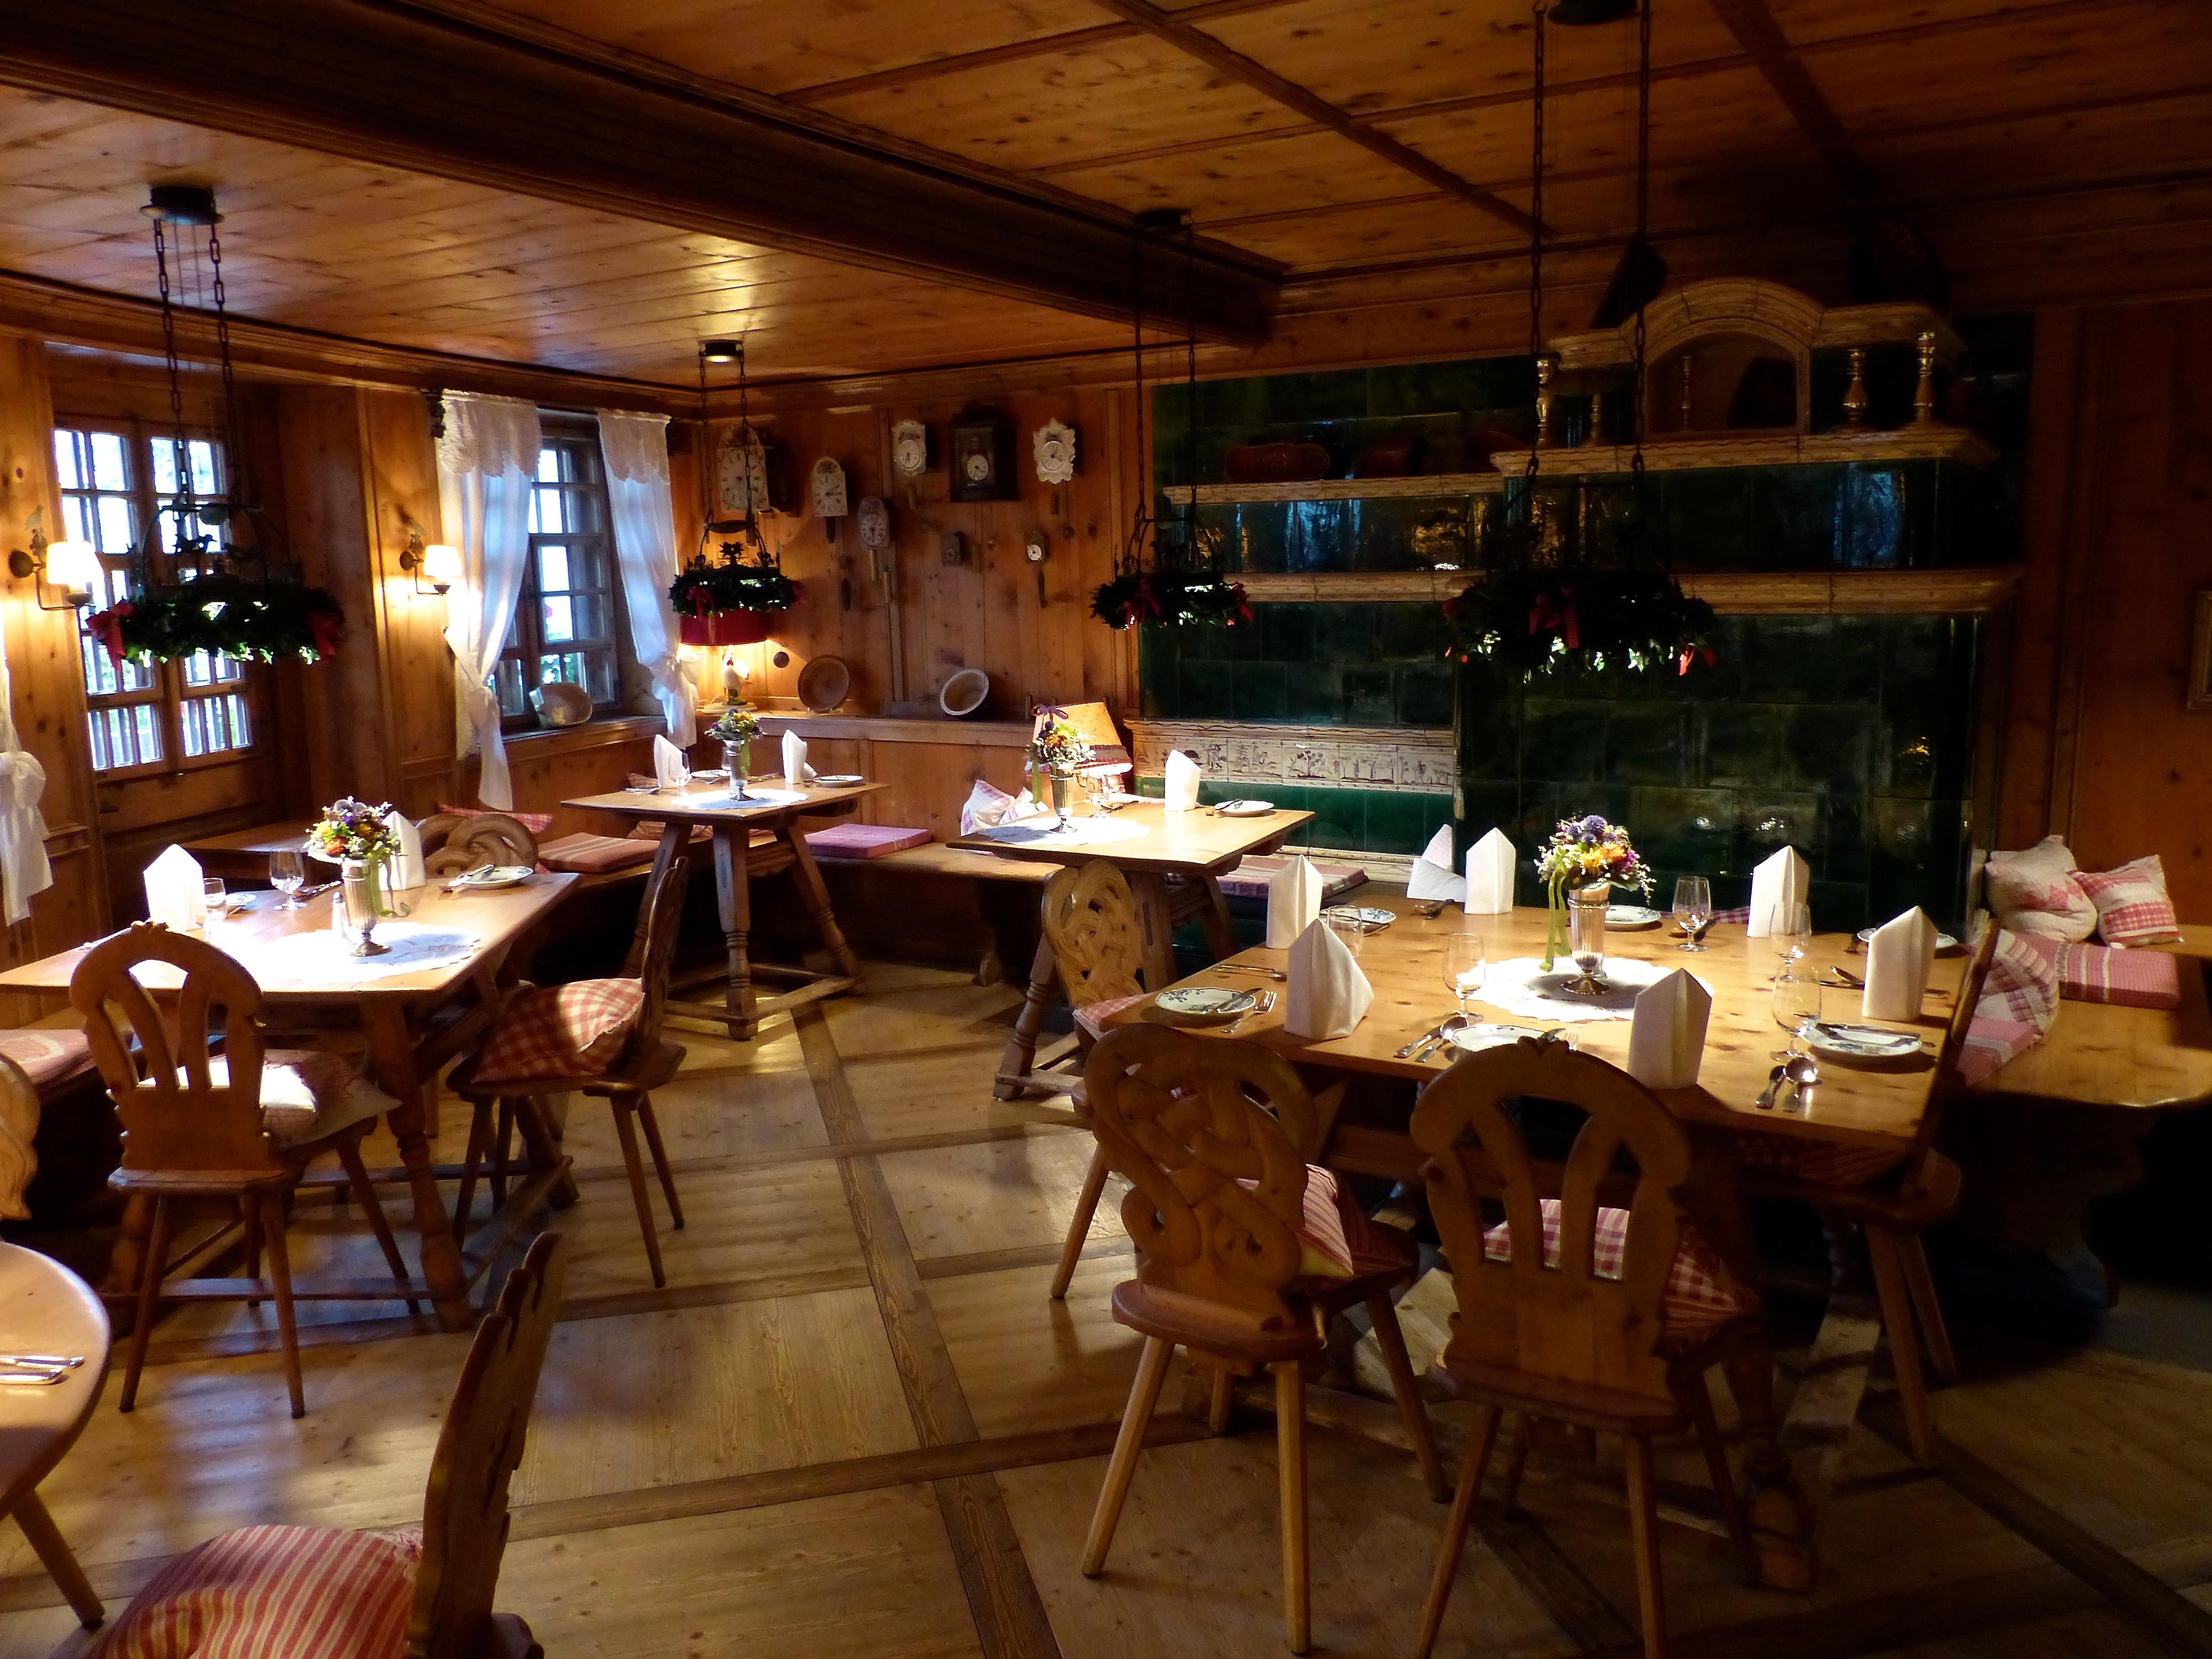 Free images landscape forest cafe restaurant travel